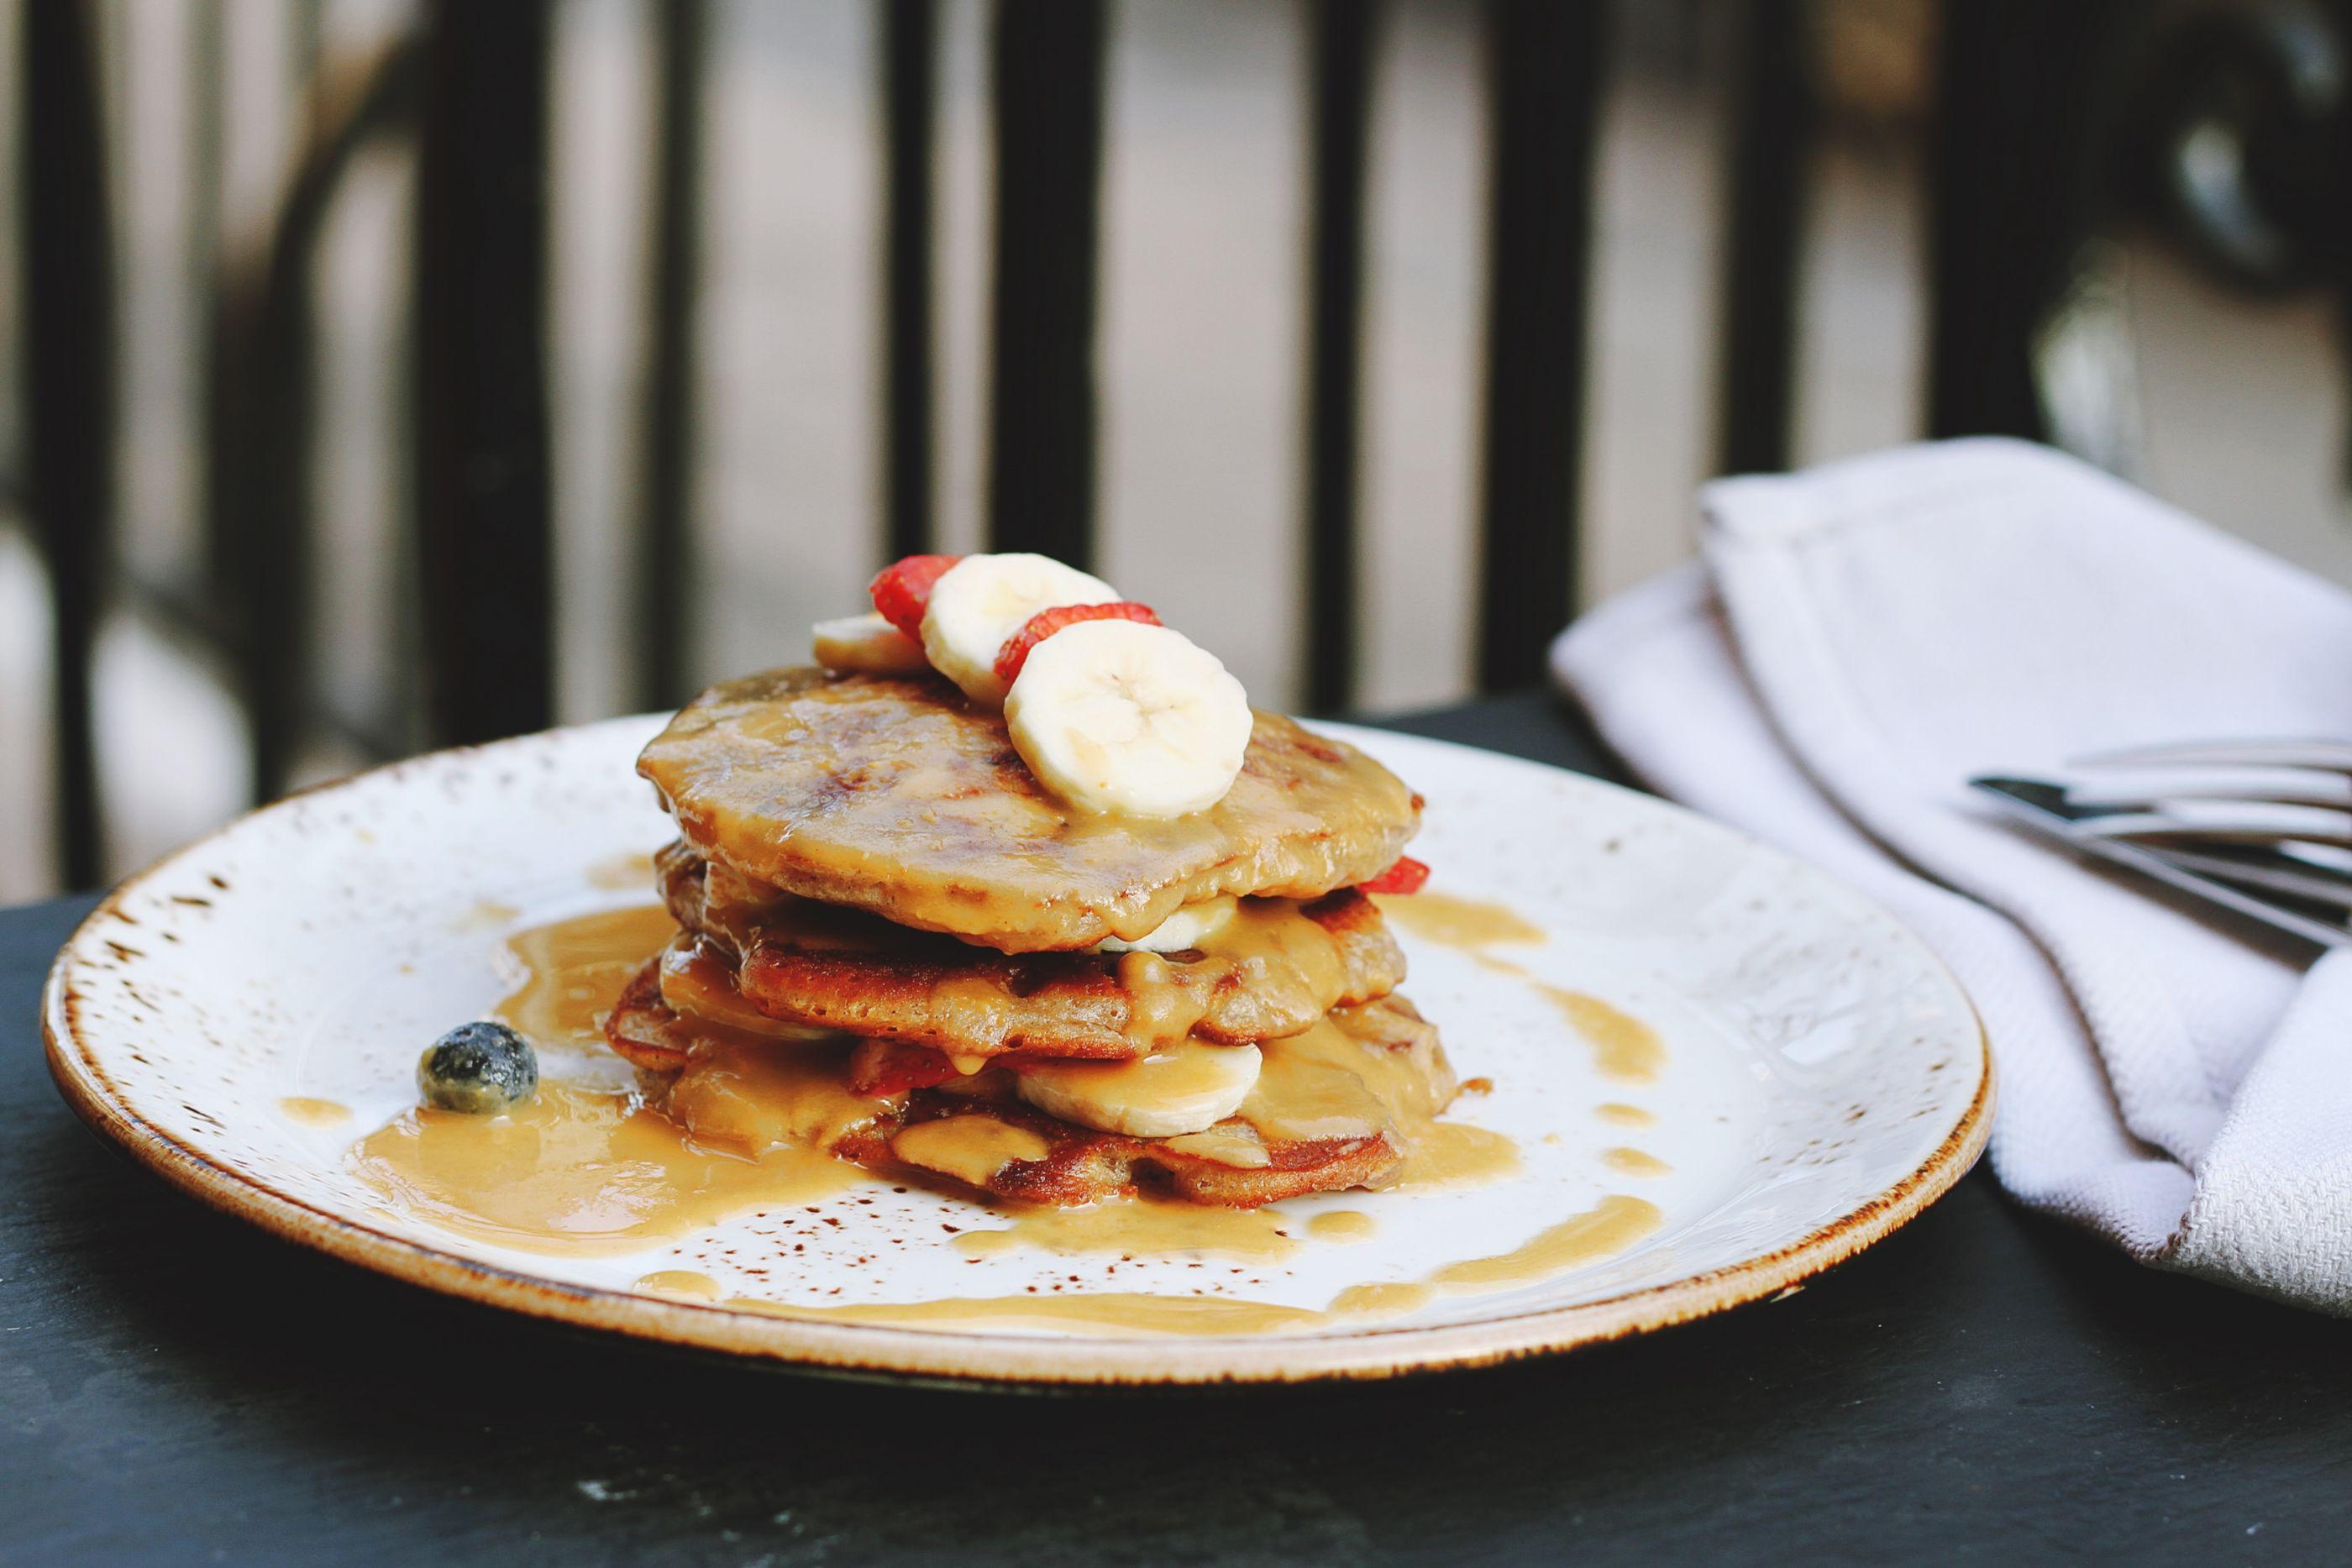 5 restaurantes en los que podrás desayunar 'healthy pancakes' en la CDMX